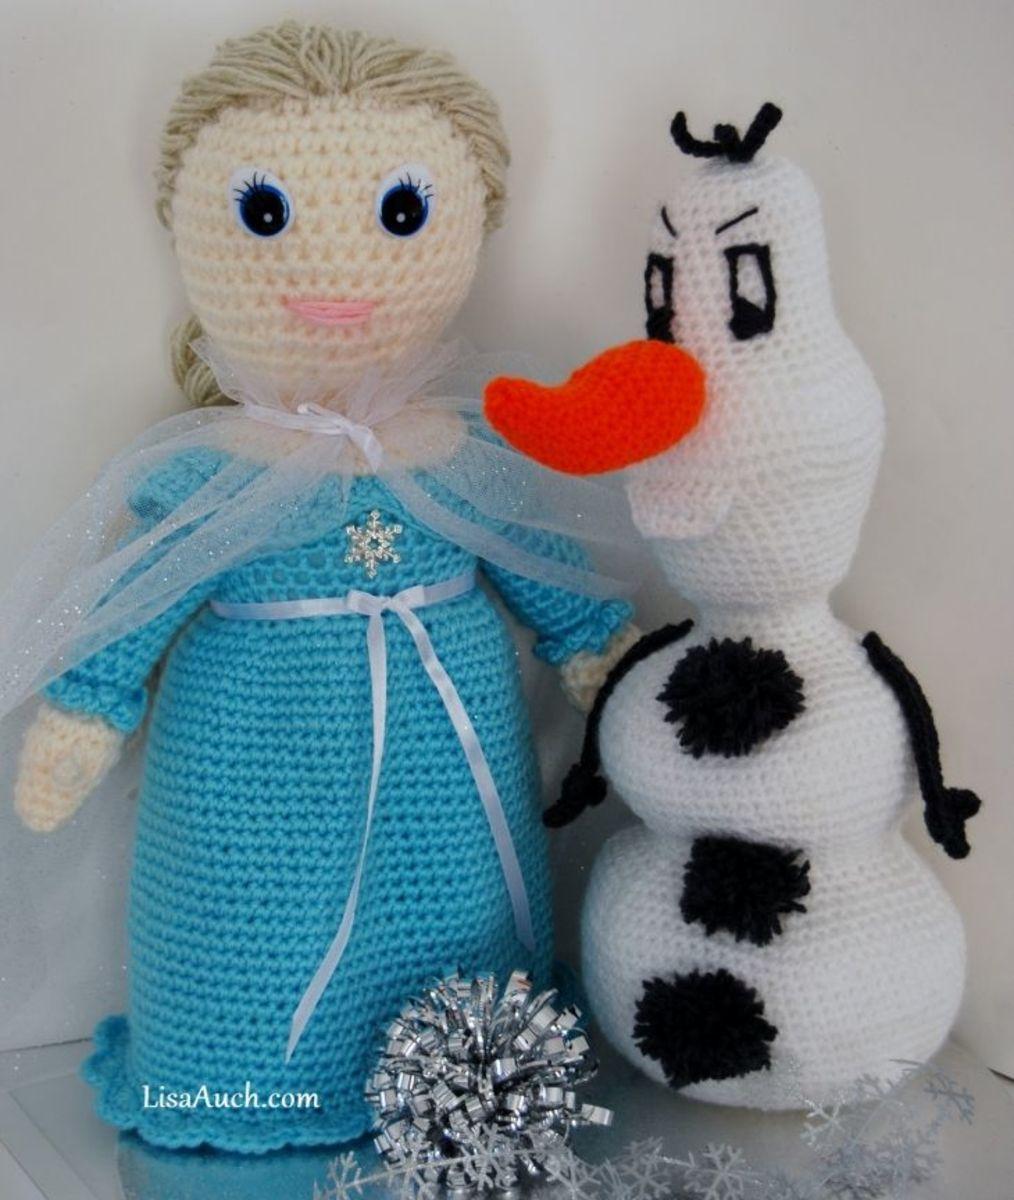 Crochet Frozen Doll Pattern : Free Frozen Inspired Crochet Patterns